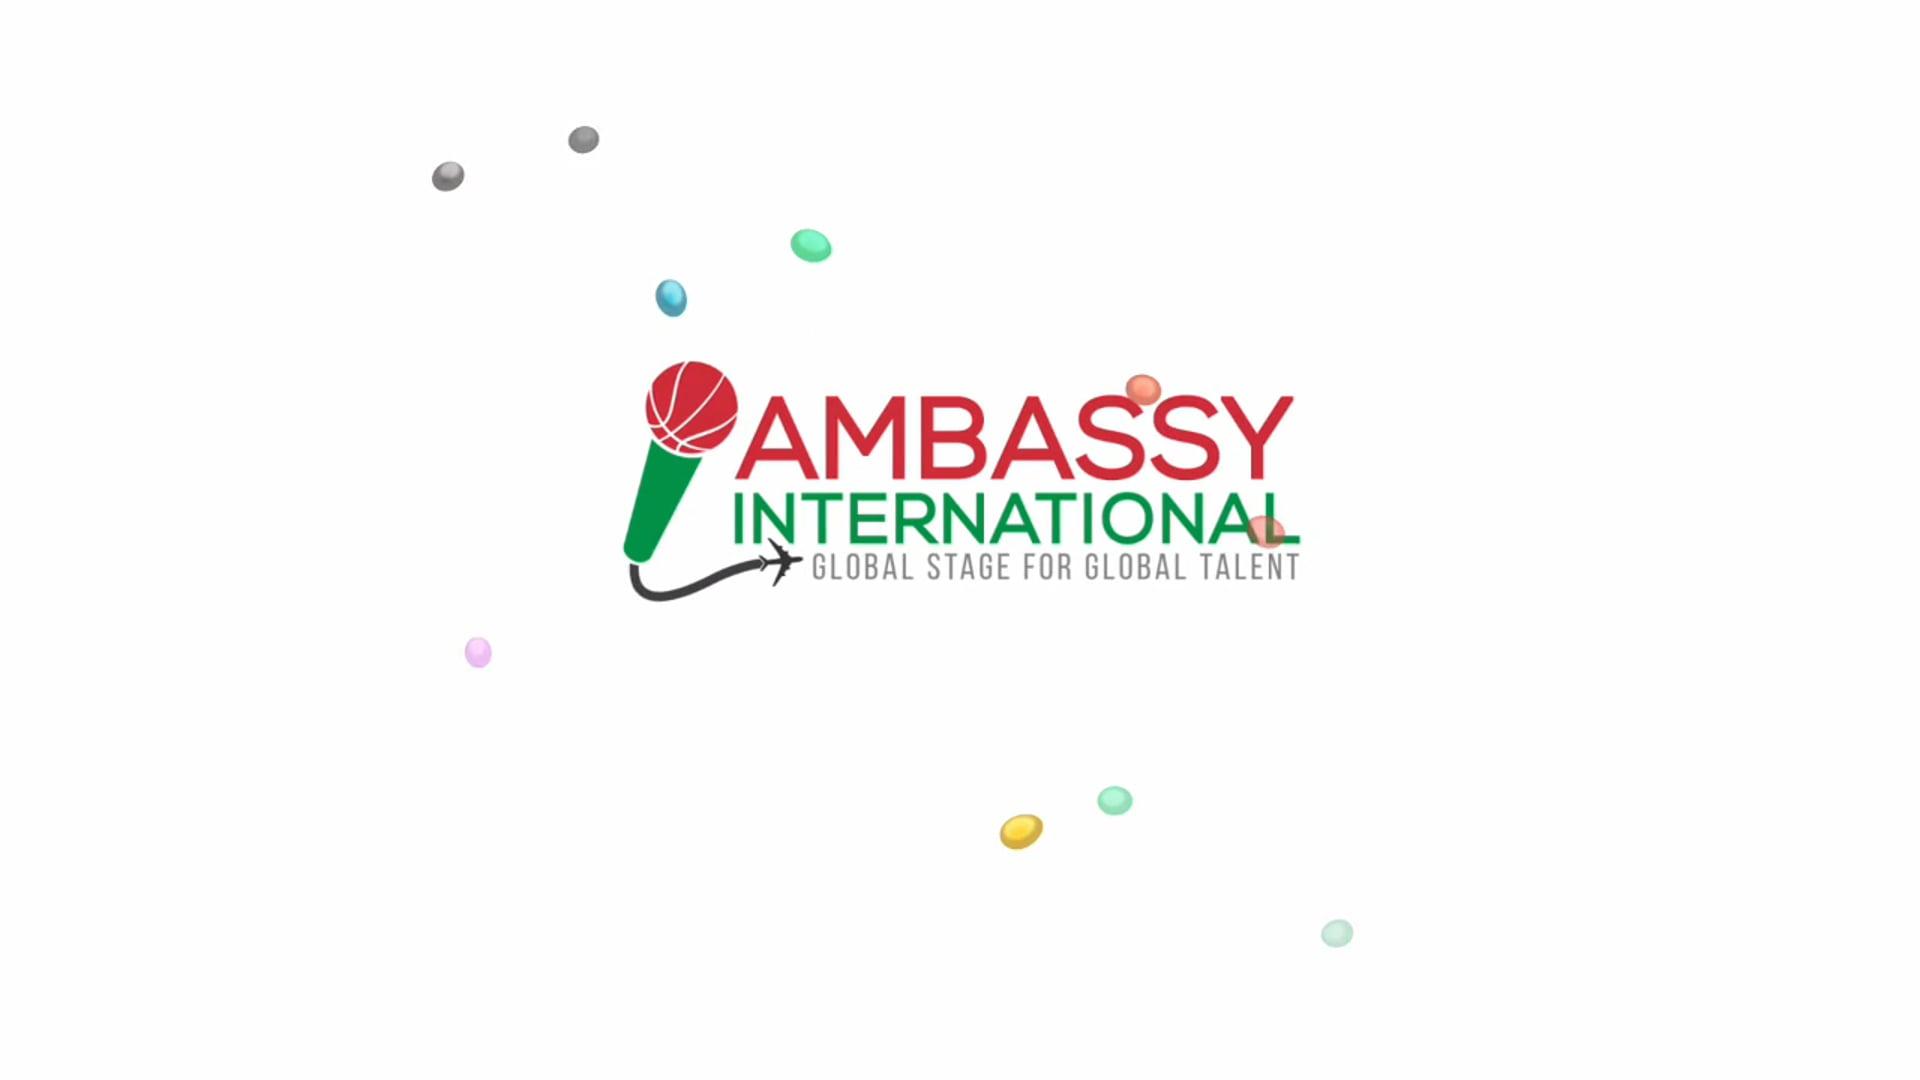 Myron McGowan - Ambassy International [Player Testimonial]